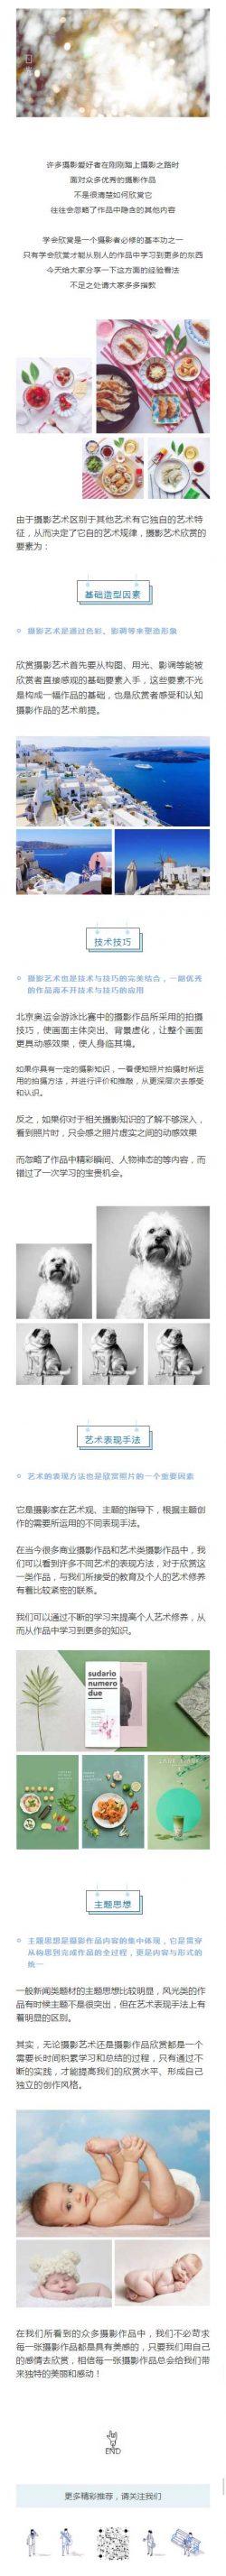 摄影爱好者图片作品介绍多图混排文章模板